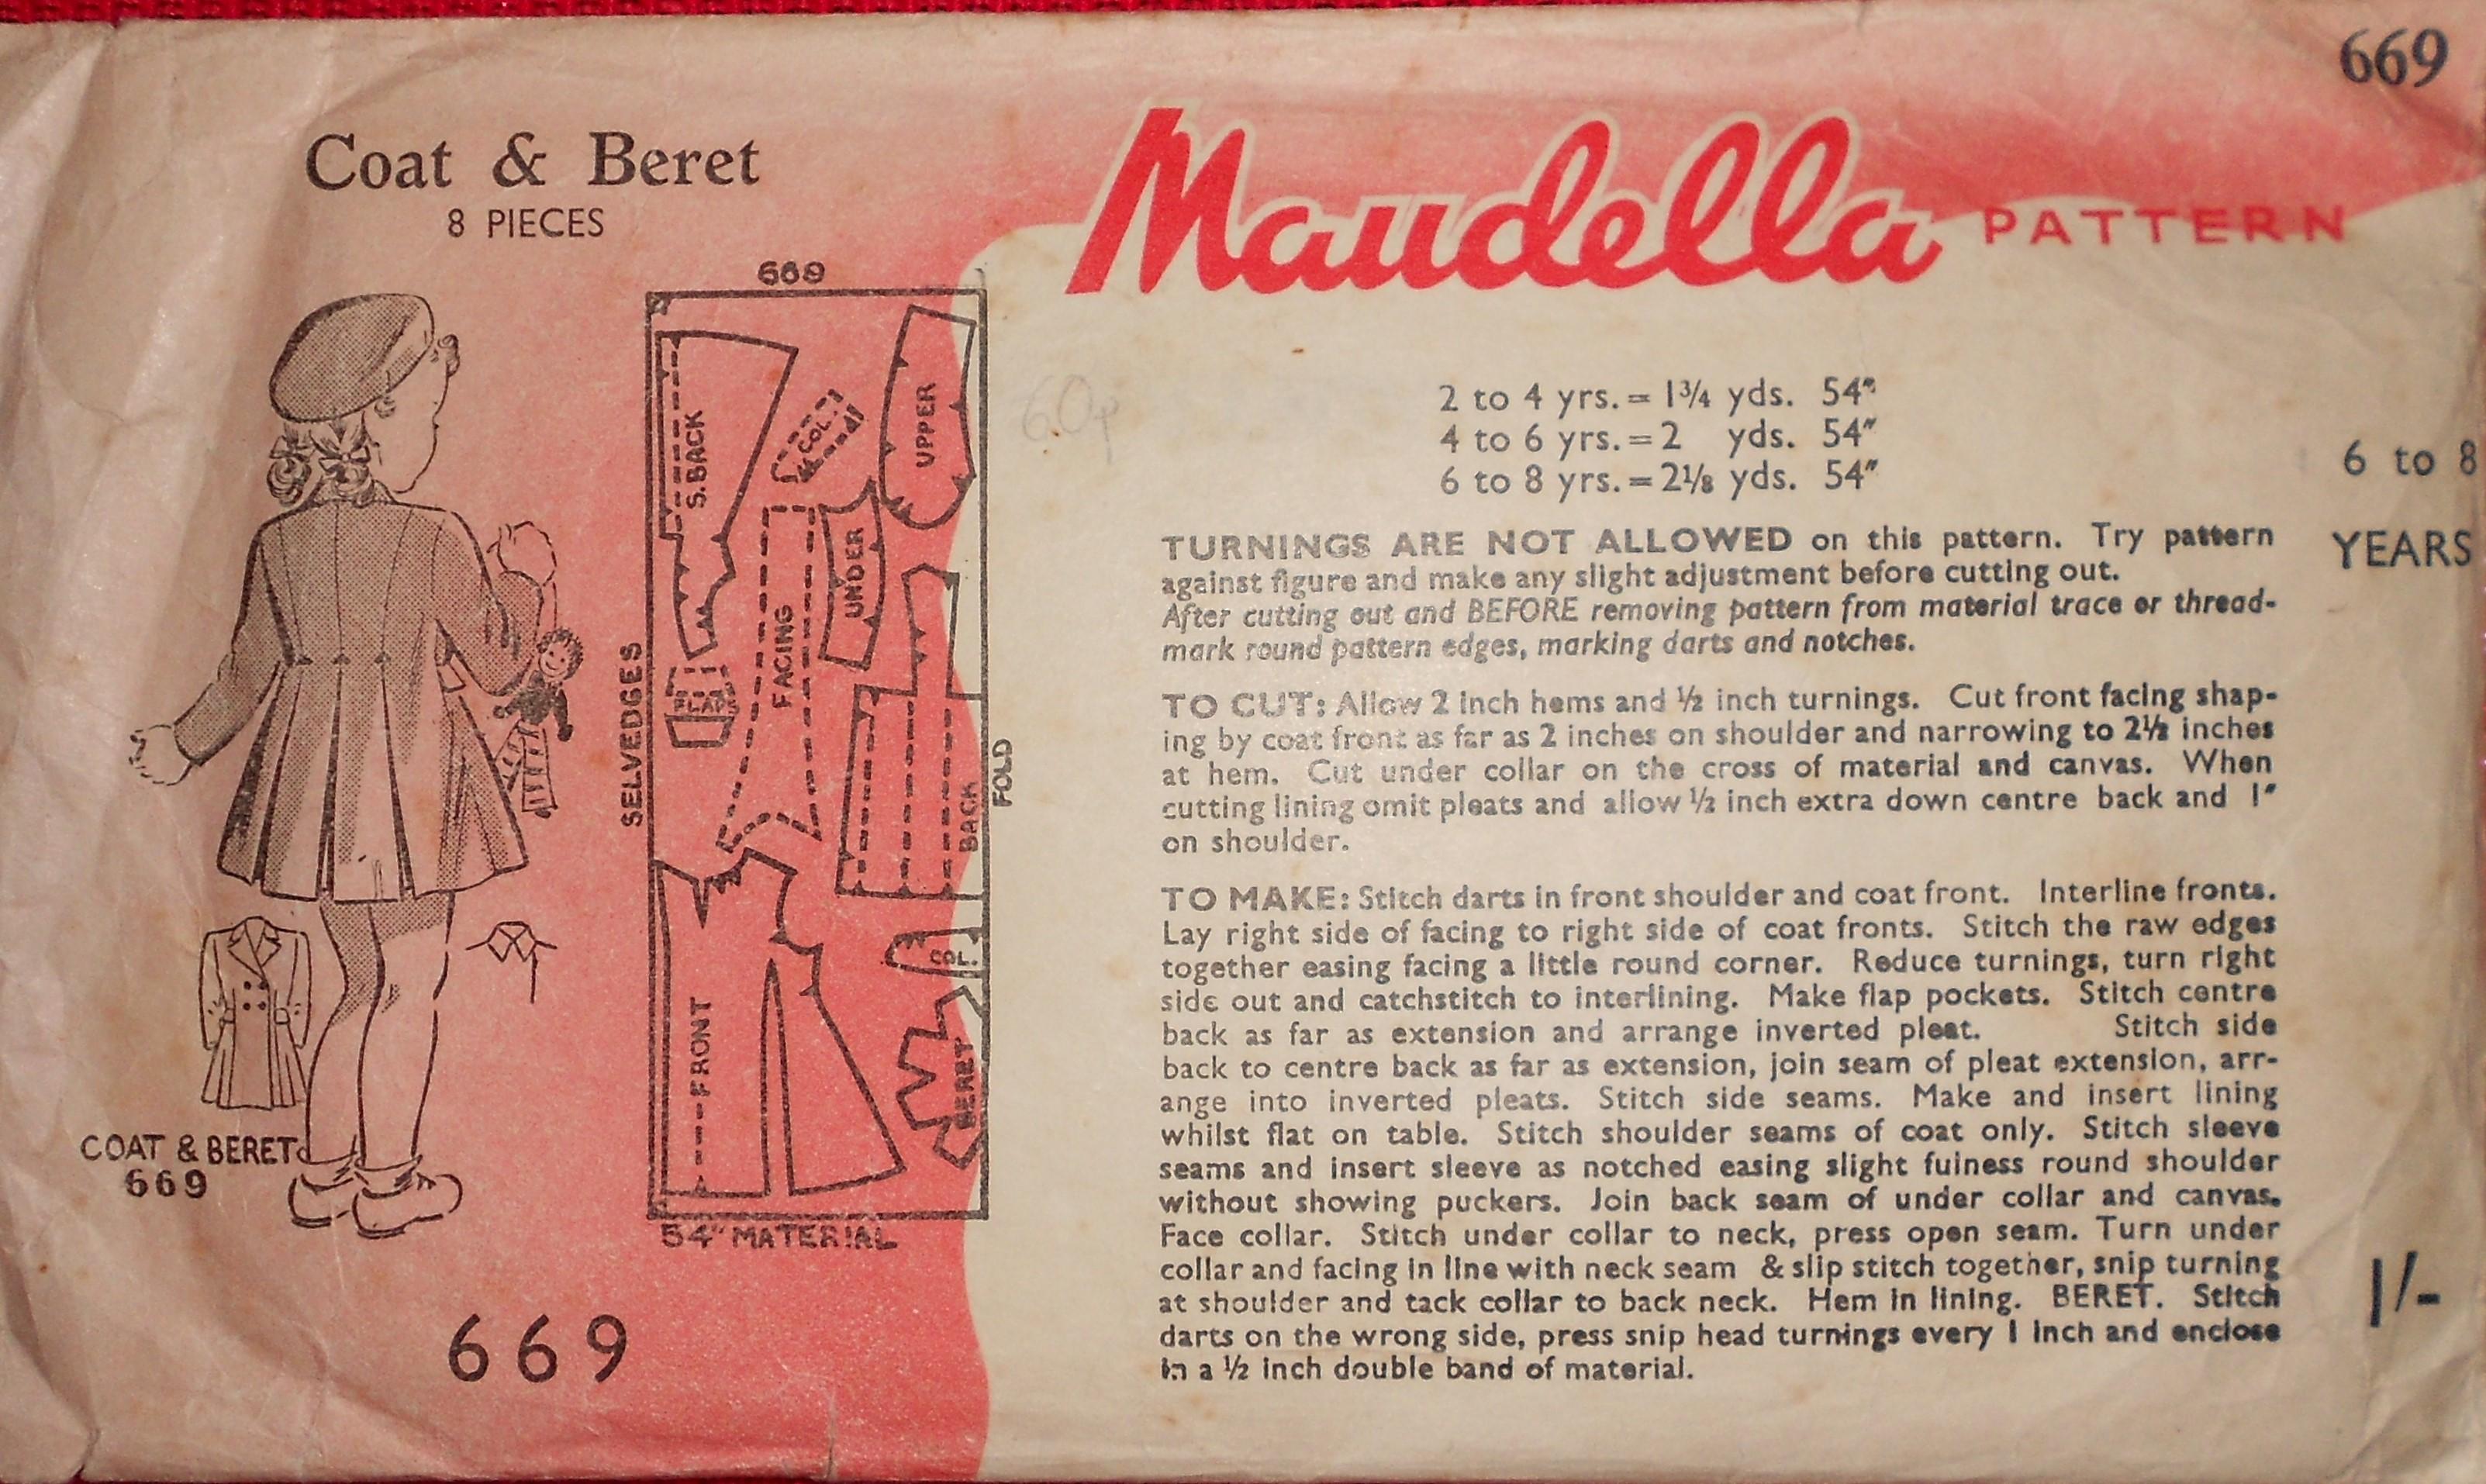 Maudella 669